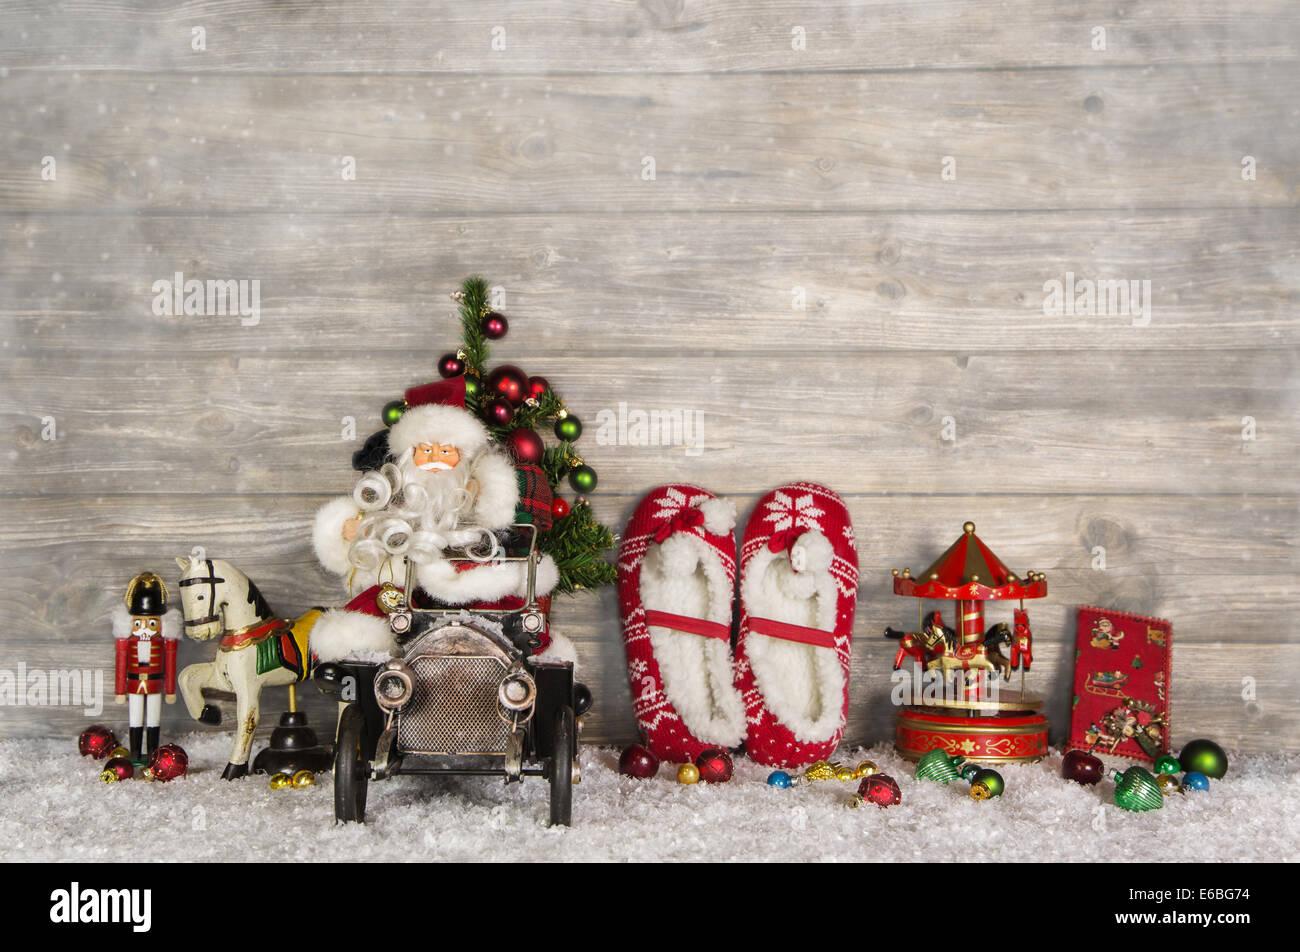 Vintage Bilder Weihnachten.Hölzerne Witzig Vintage Weihnachten Hintergrund Mit Santa Und Altes